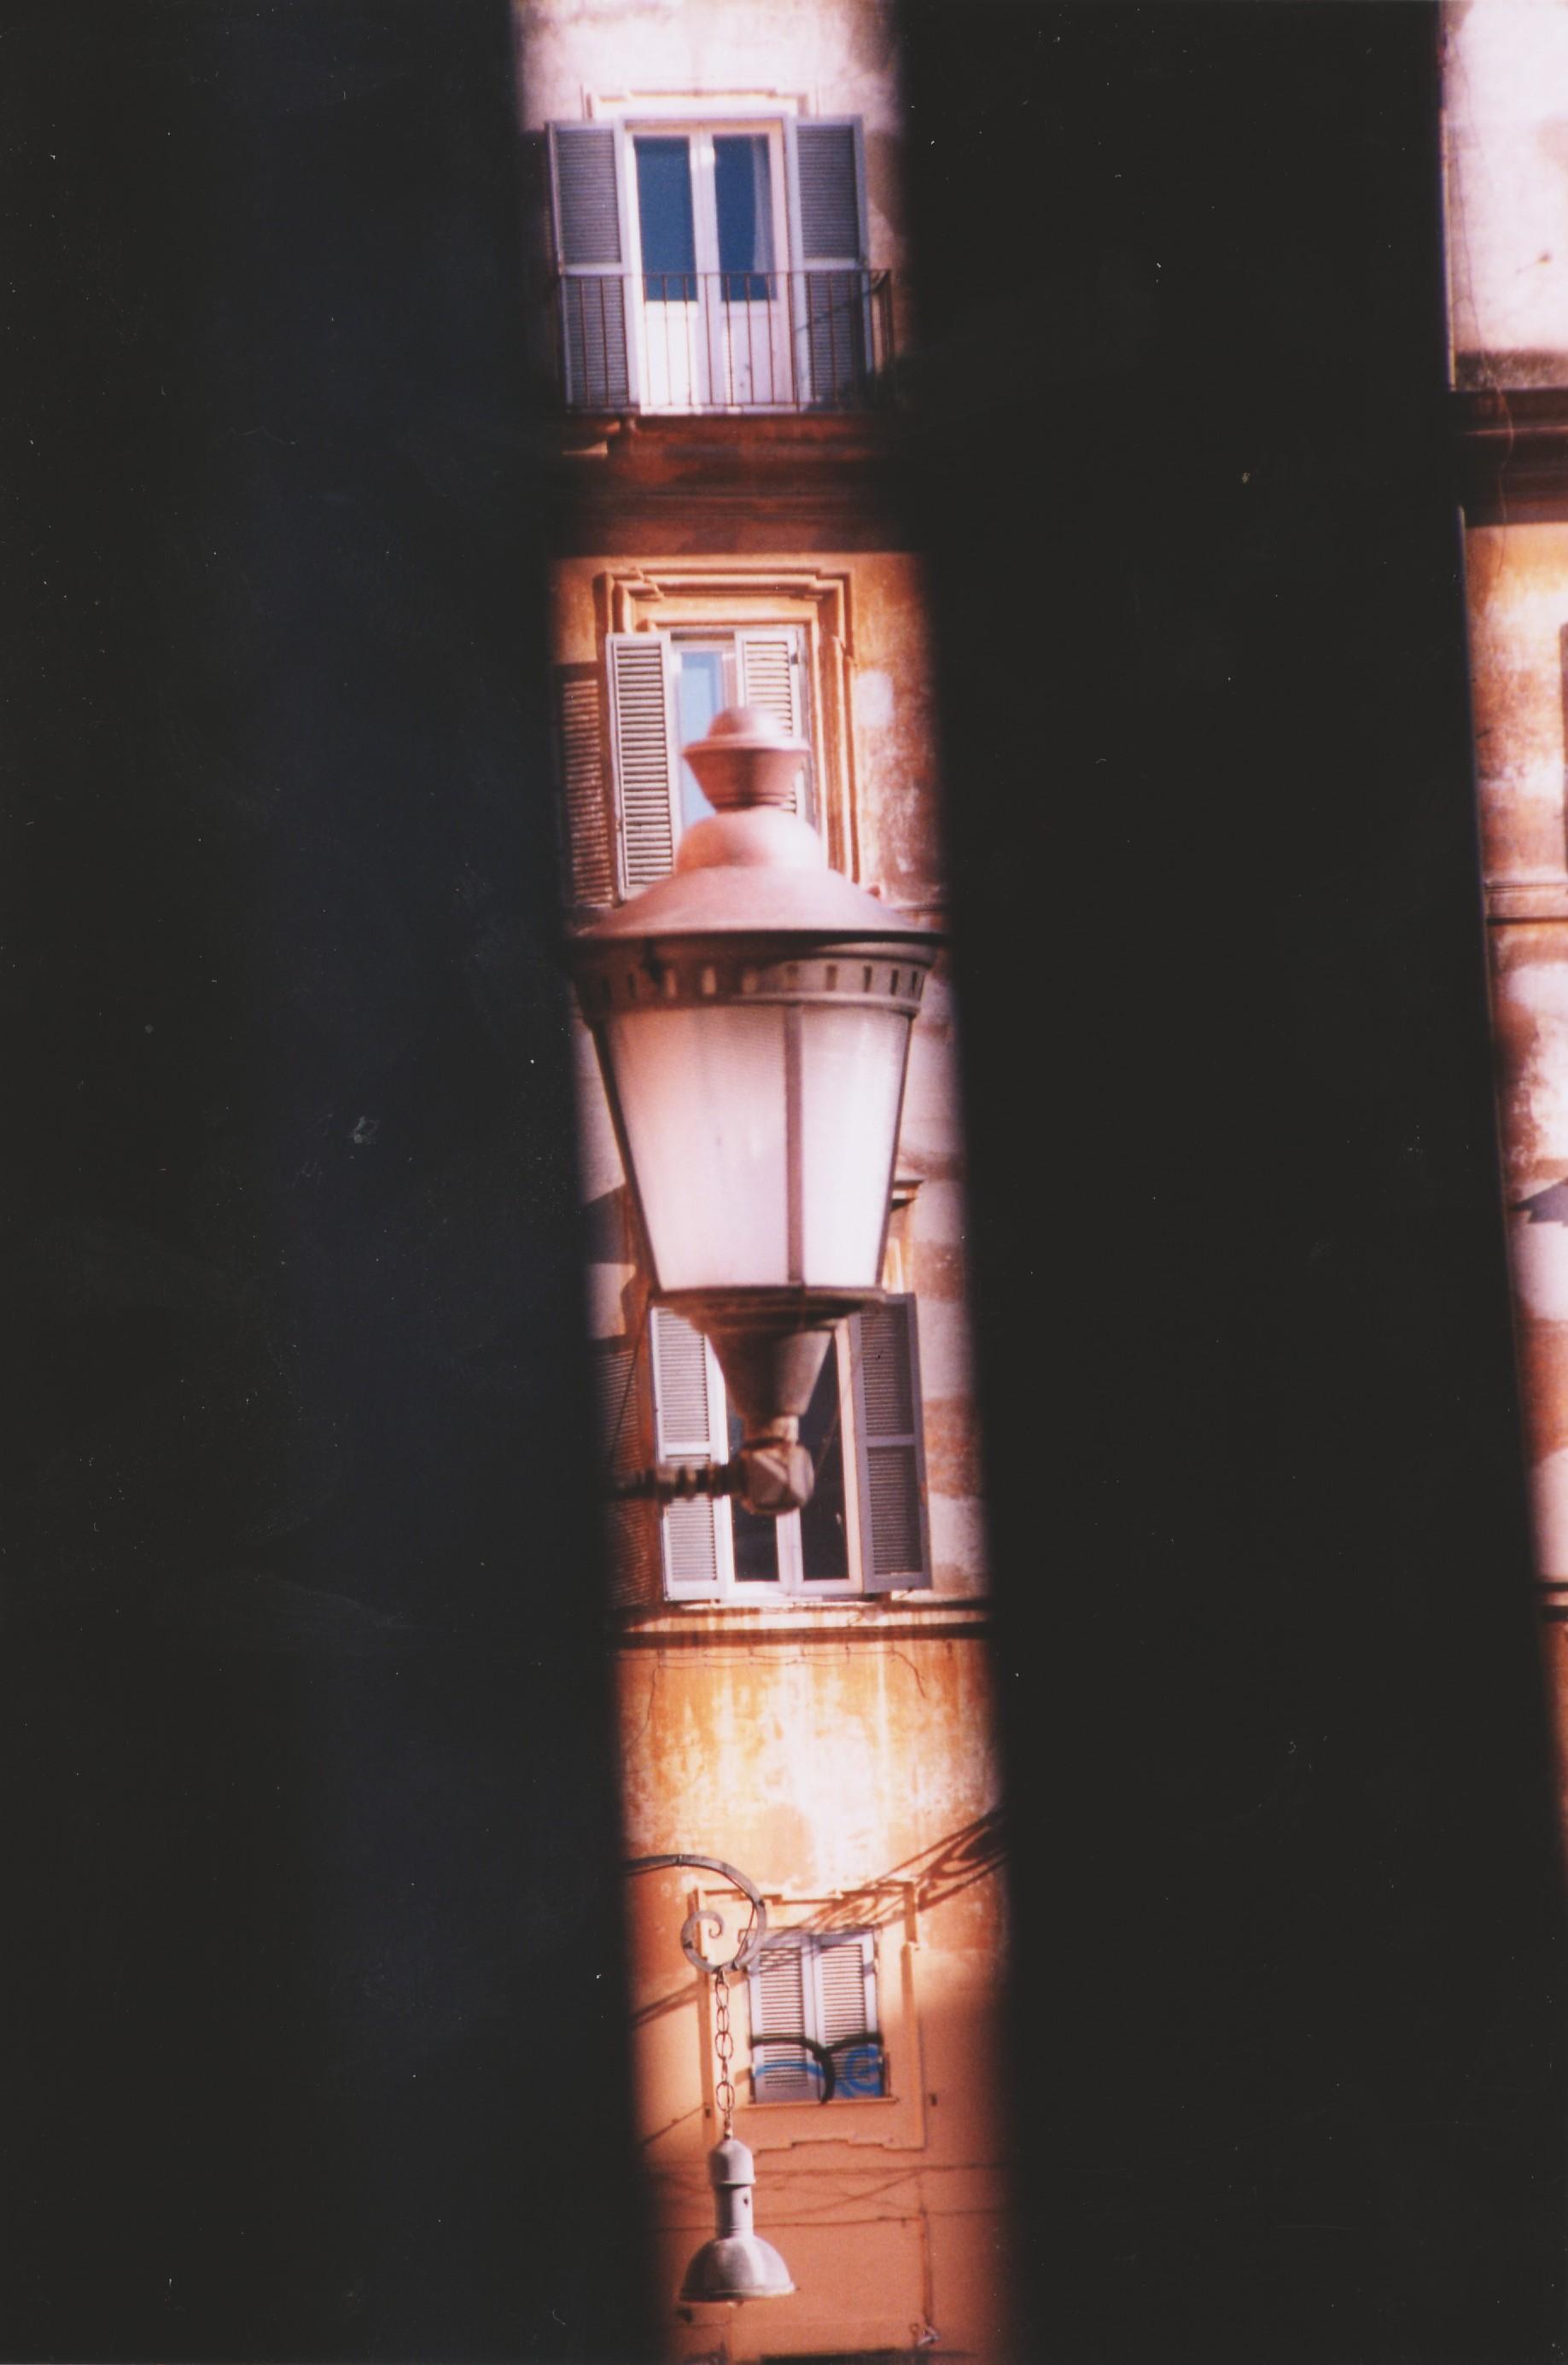 Foto di Valentina Perniciaro _Uno scorcio dedicato a te, che ancora borbotti camminando sui sampietrini, con il tuo passo zoppo e l'ironia del tuo sguardo. Uno scorcio della tua piazza, che è cambiata in tutto tranne che nel tuo vocione che cantava e in quella risata, de core, romana. Un pensiero a te, Rena'